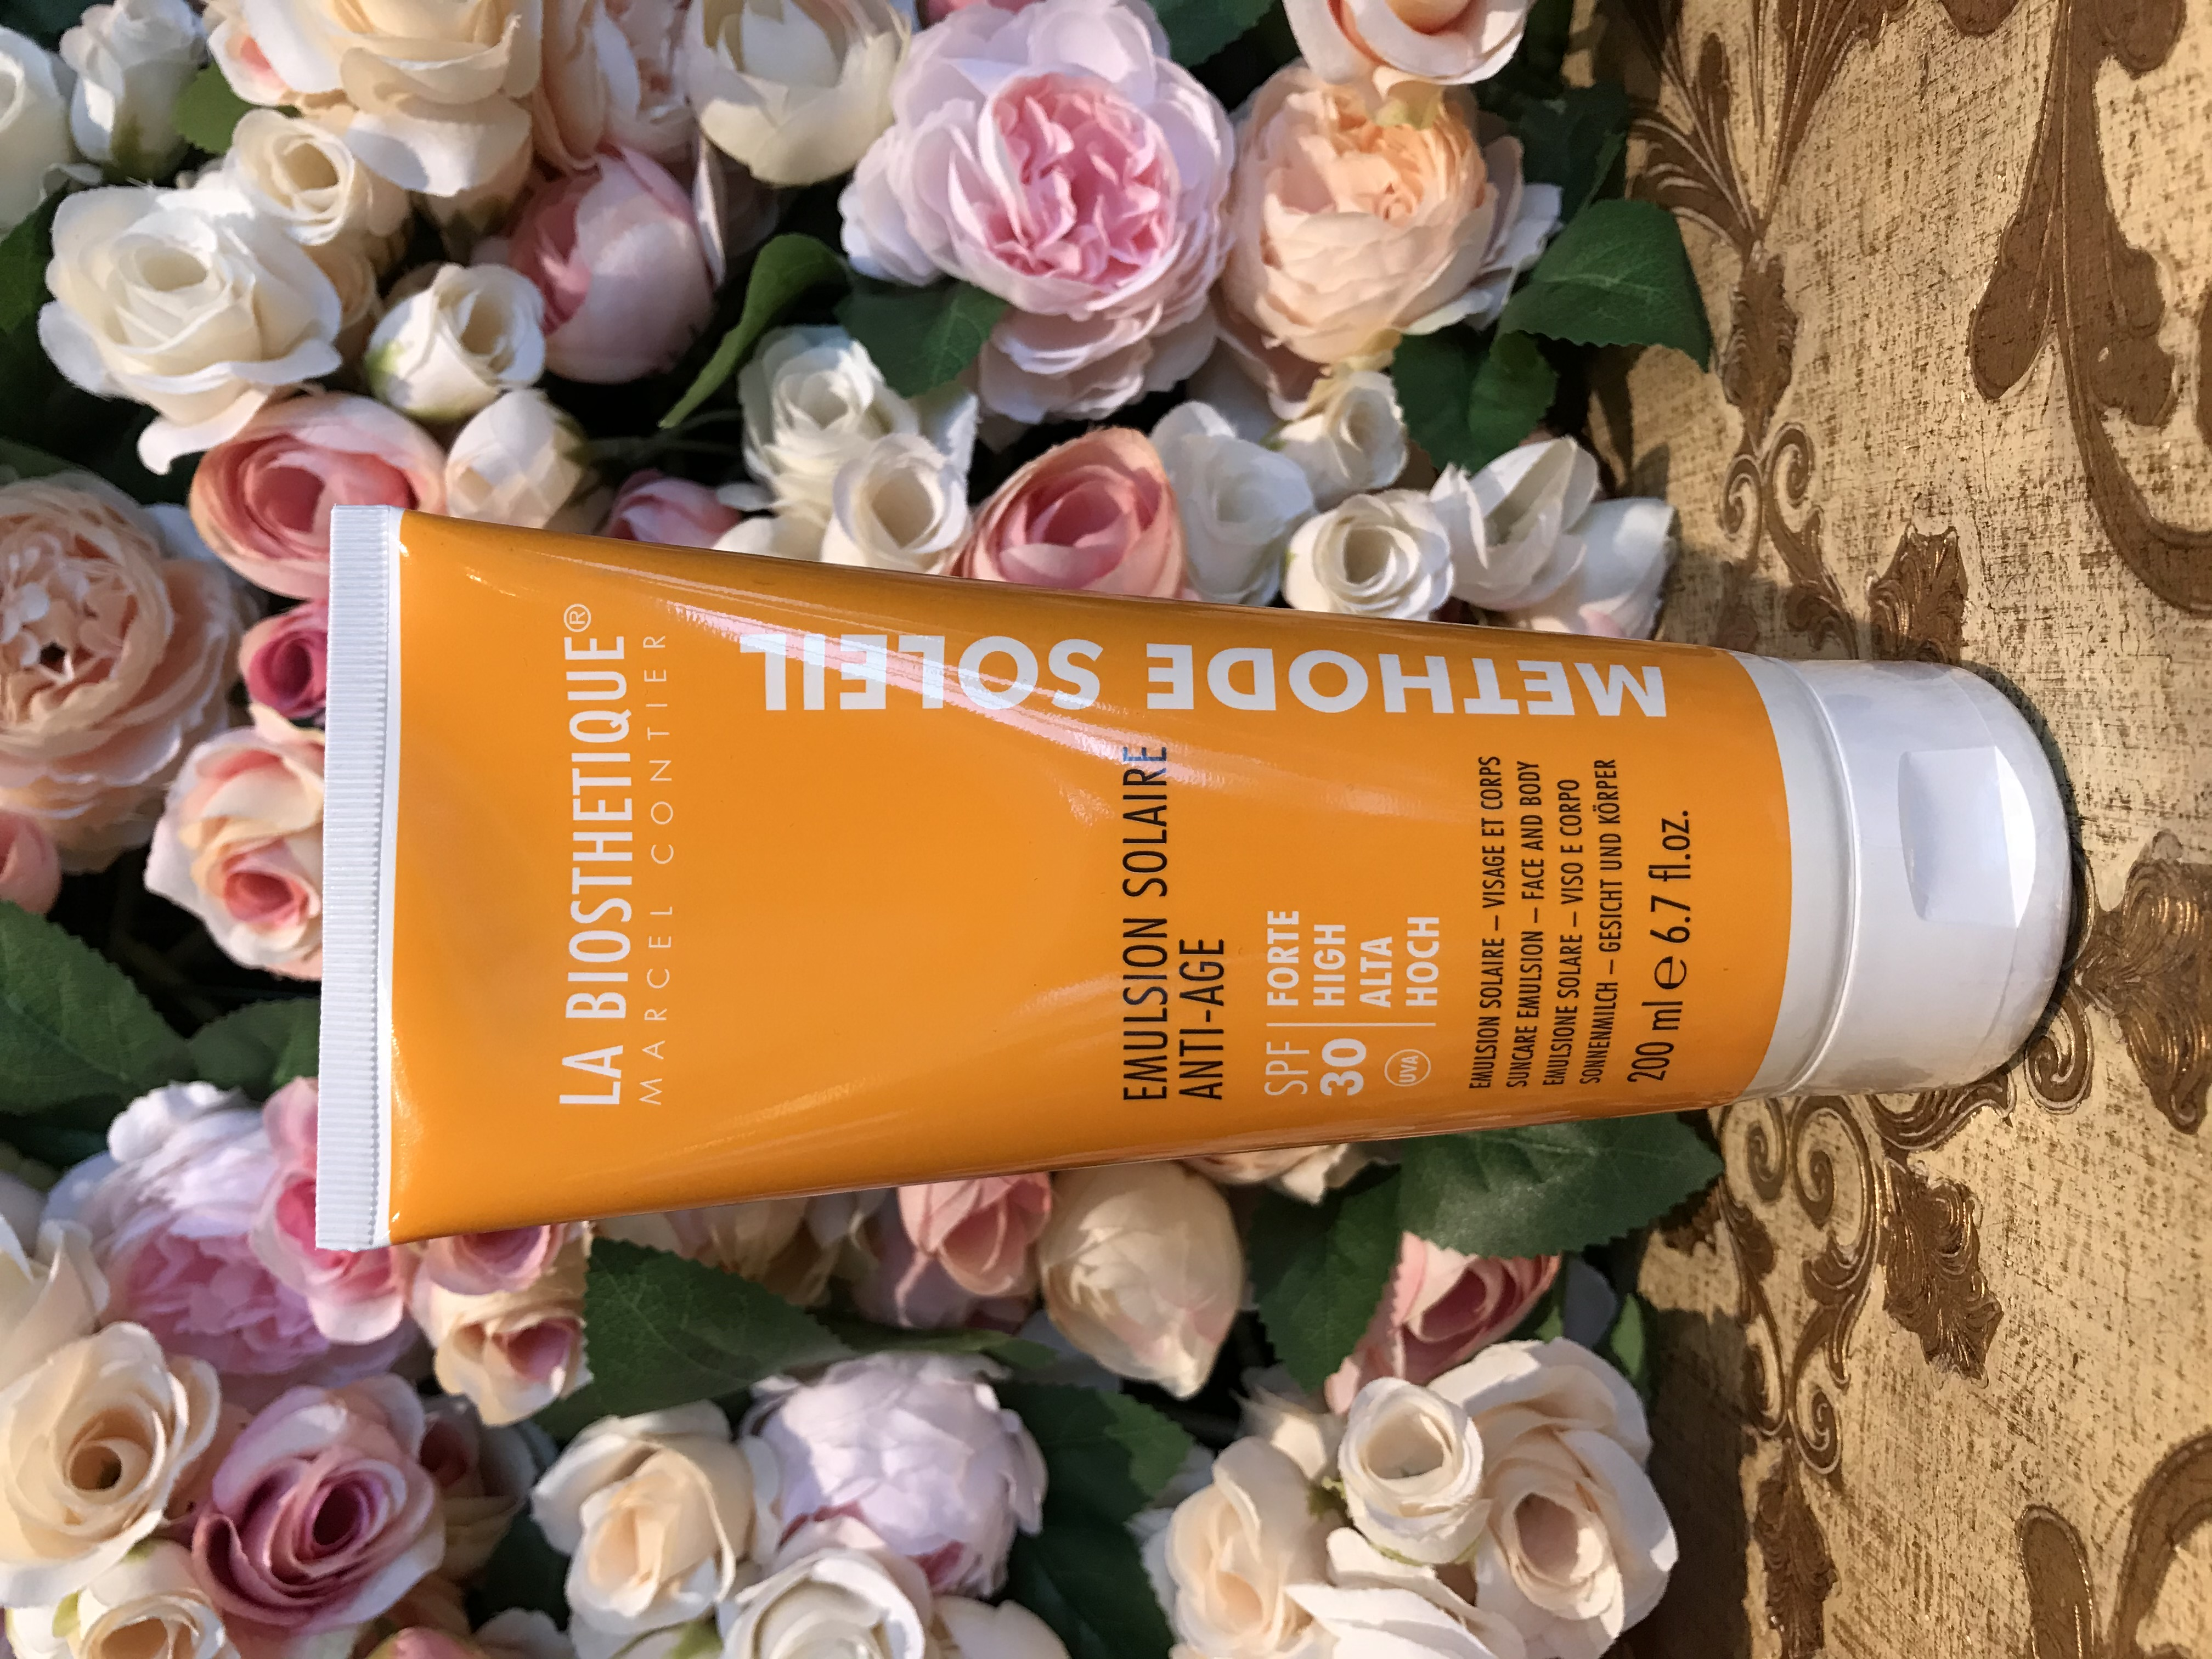 LA BIOSTHETIQUE Paris Emulsion Solaire anti-age  - ексклузивно в салоните на Vogue Vision - Митко Дамов в страната Водоустойчив лосион за защита от слънце за лице и тяло с високоефективна SPF система, която защитава и предотвратява преждевременното стареене на кожата. Обогатен с пантенол за успокояване на раздразненията и витамин Е за надеждно предпазване от вредното въздействие на свободните радикали.